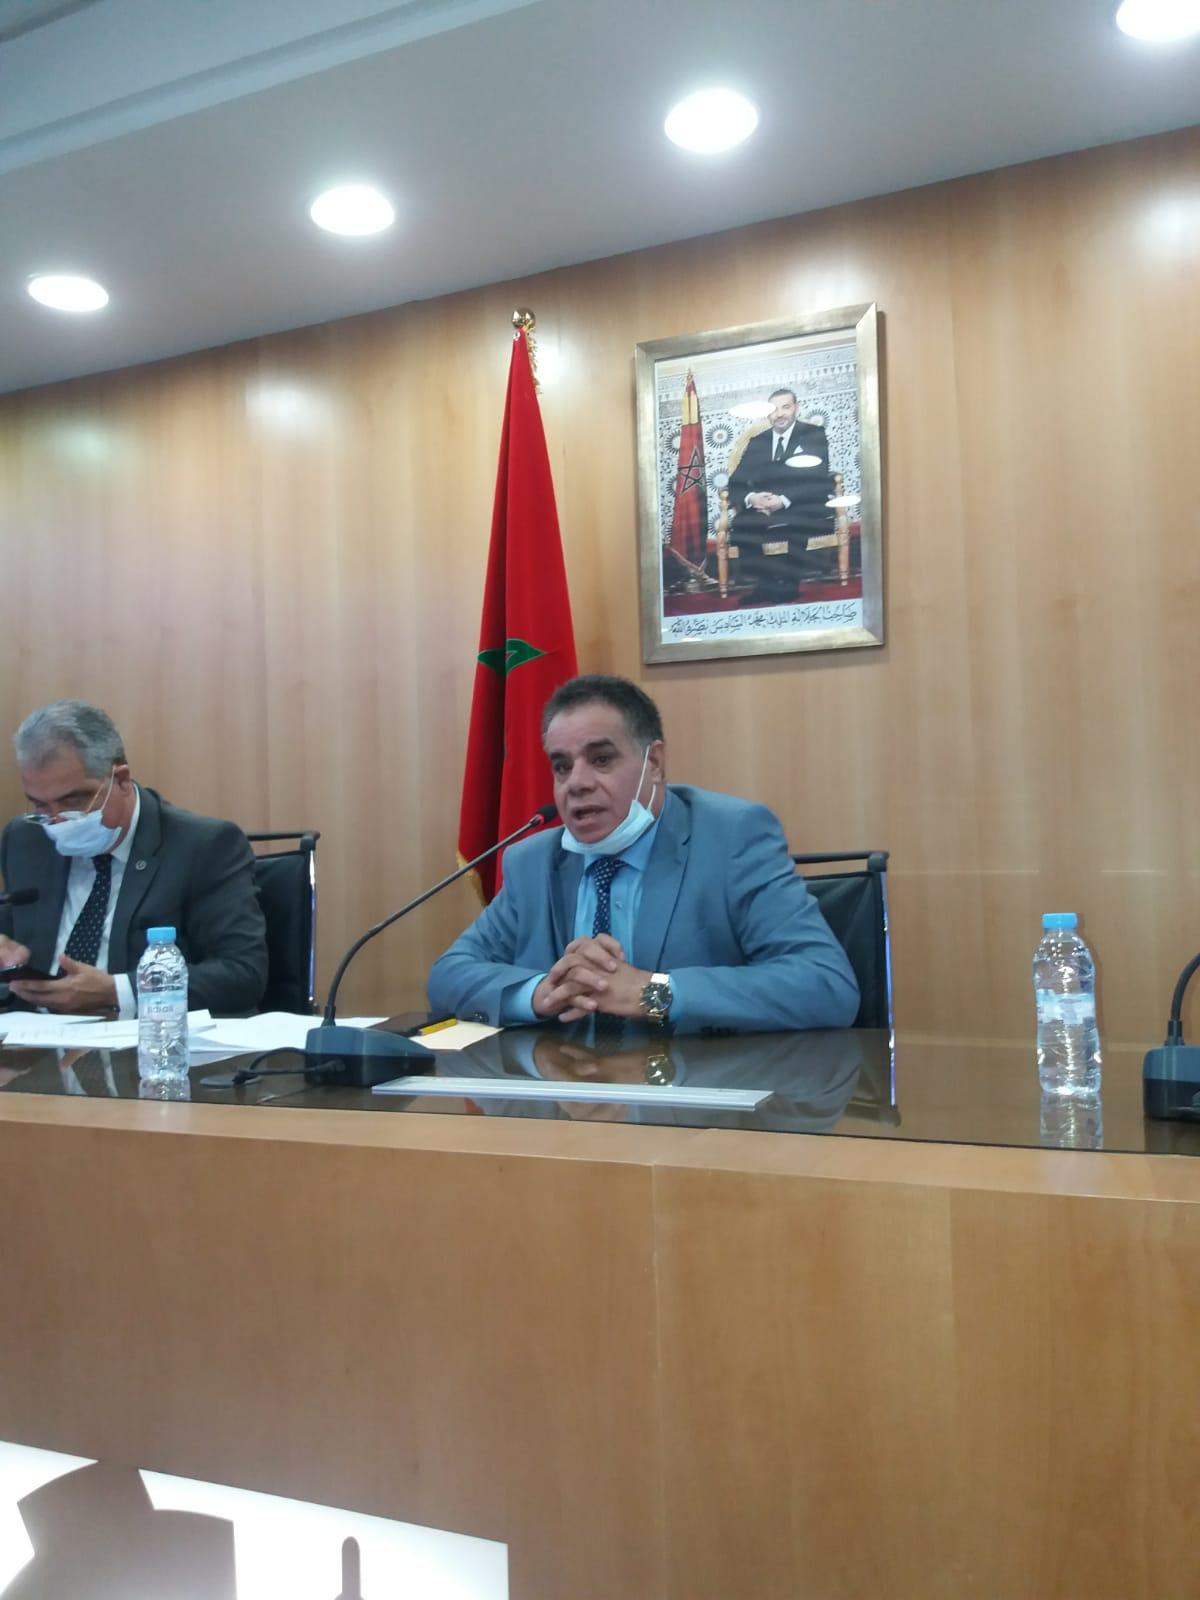 انتخاب أحمد بكور رئيسا لغرفة الصناعة التقليدية لجهة طنجة تطوان الحسيمة.